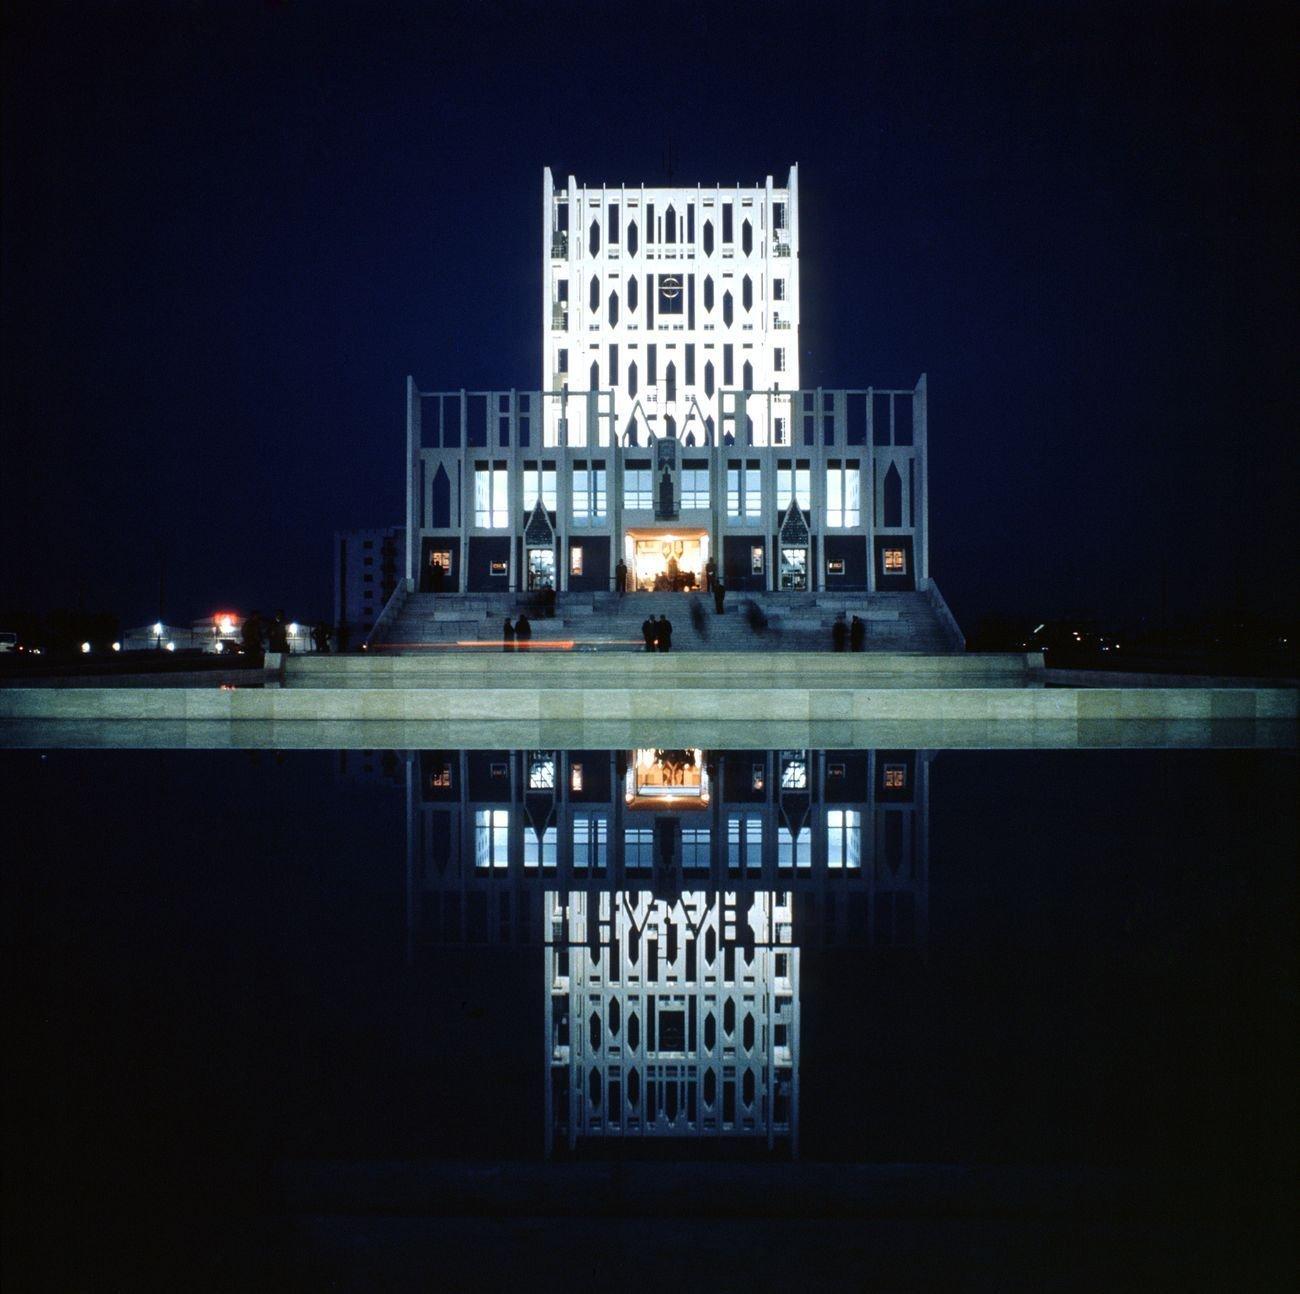 Veduta notturna della Concattedrale di Taranto (1970) che si specchia nelle vasche antistanti © Gio Ponti Archives